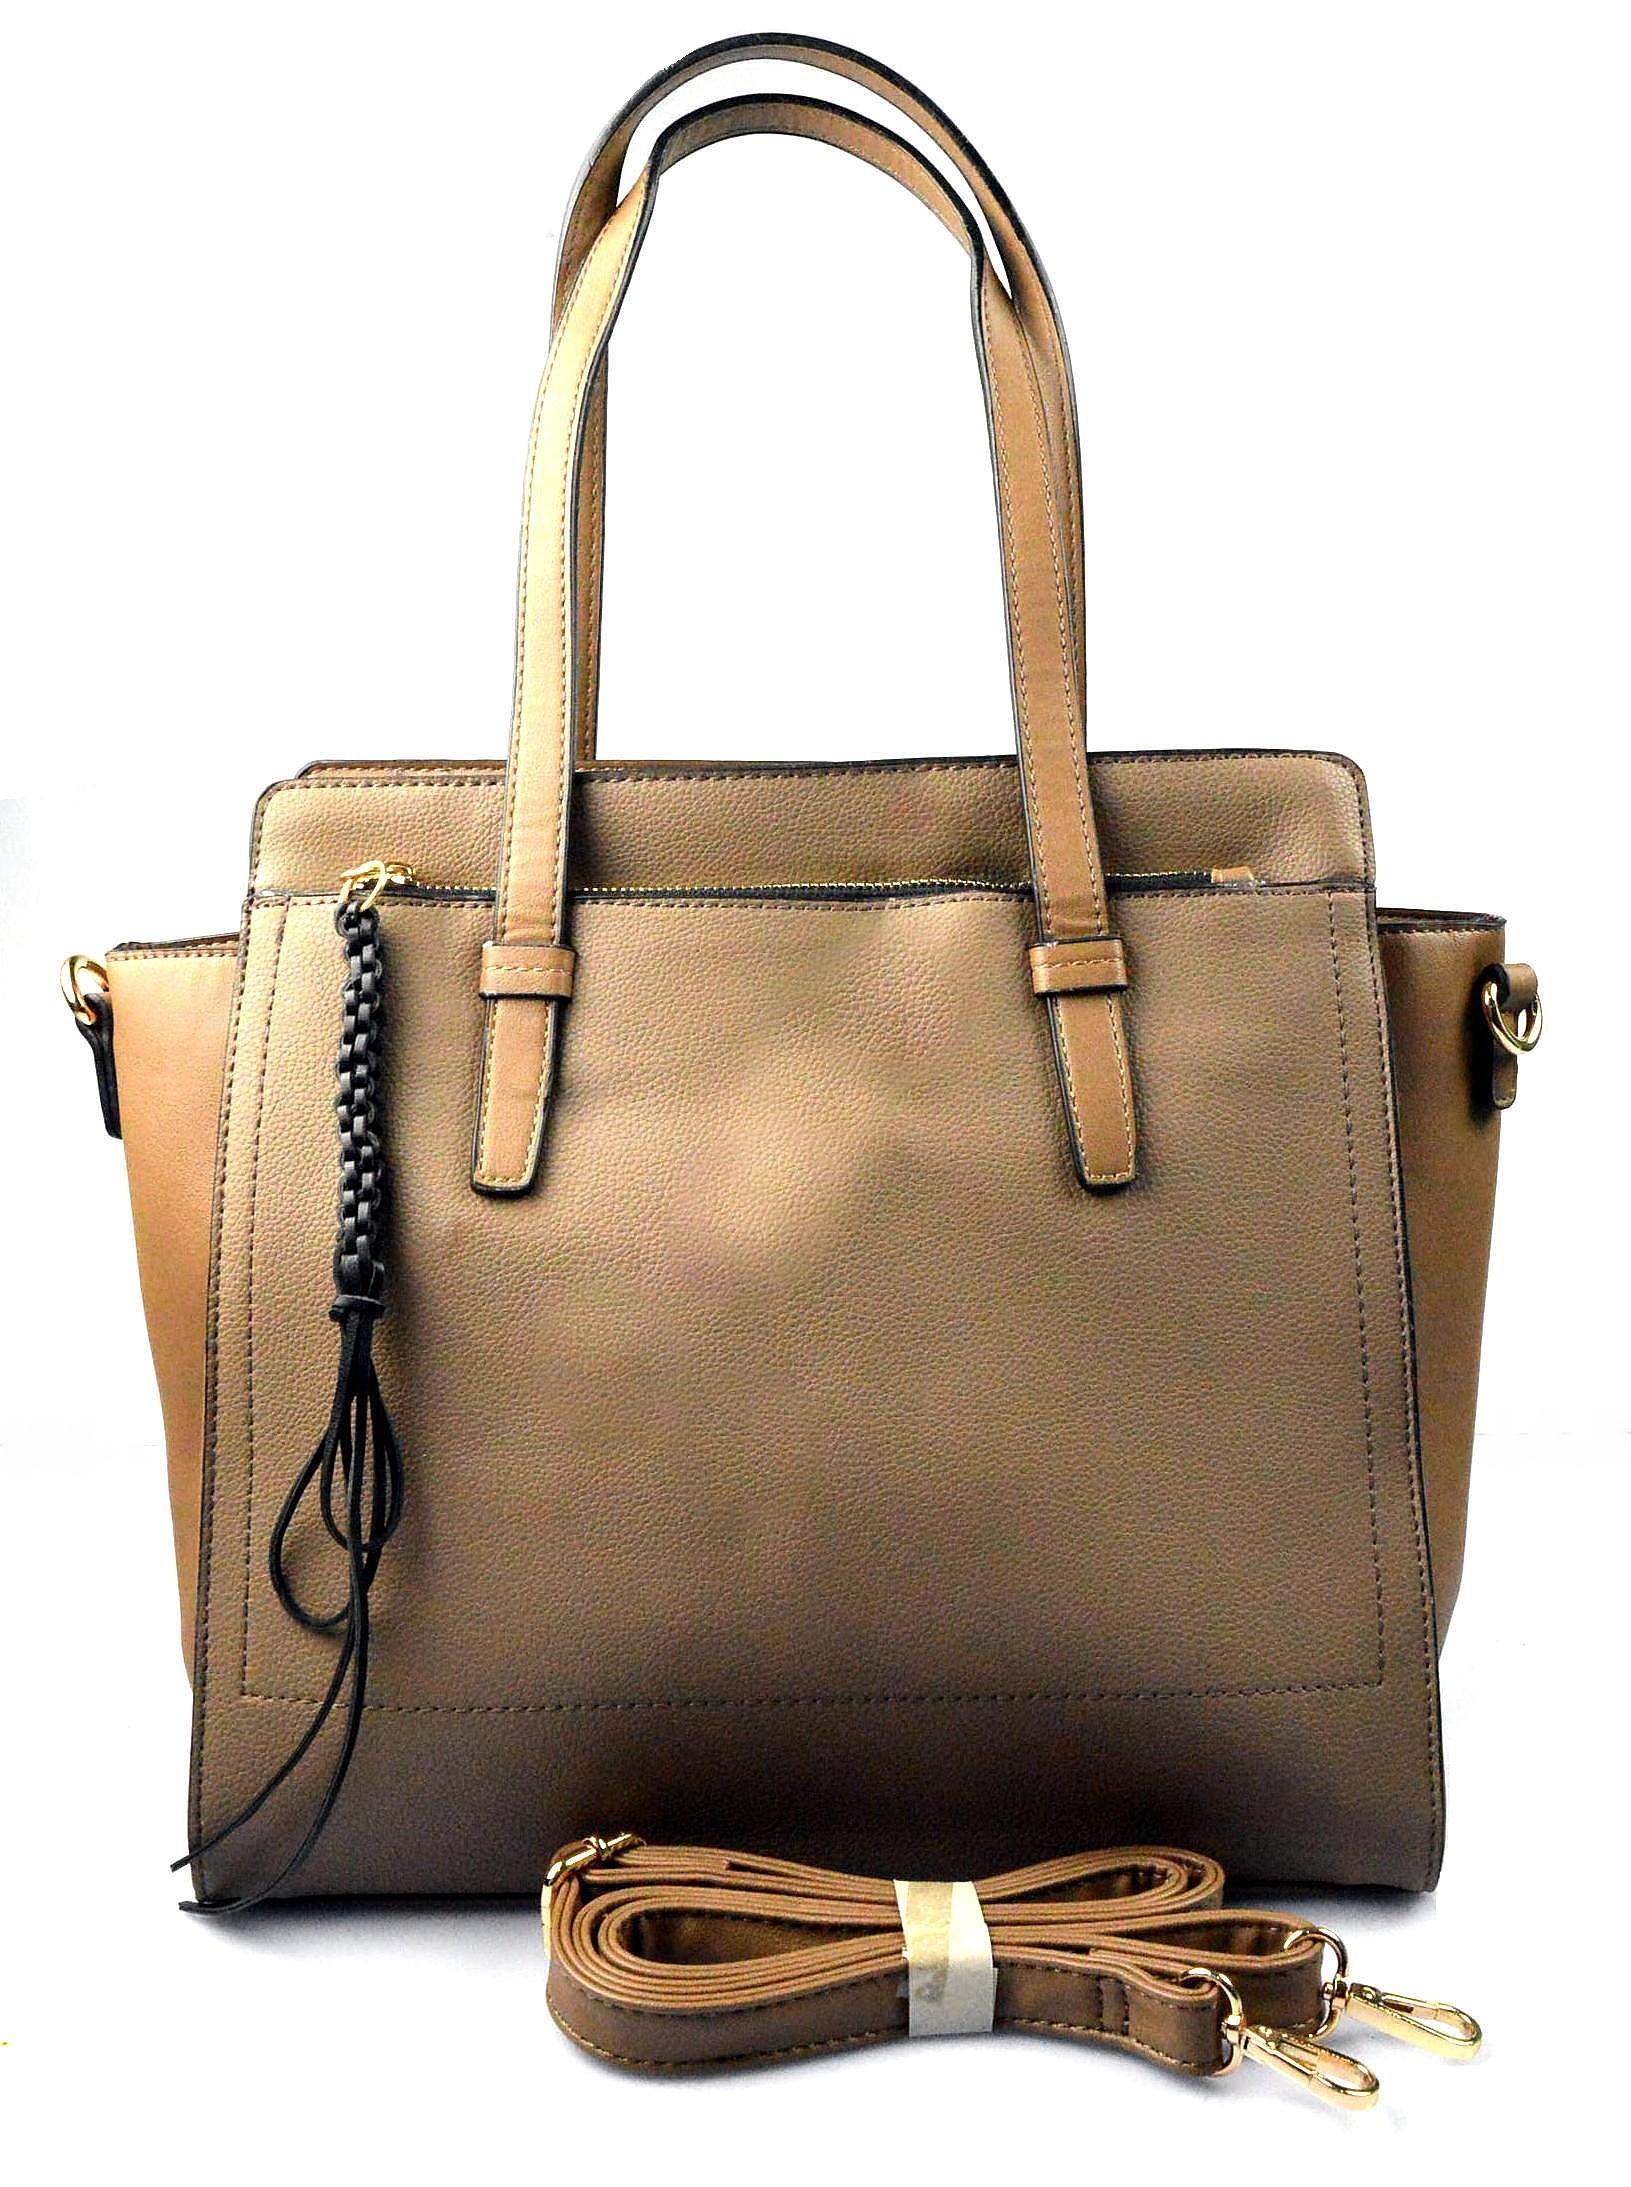 77b8f981a4 krásná khaki hnědá kabelka na rameno rovane - KabelkyZeSveta